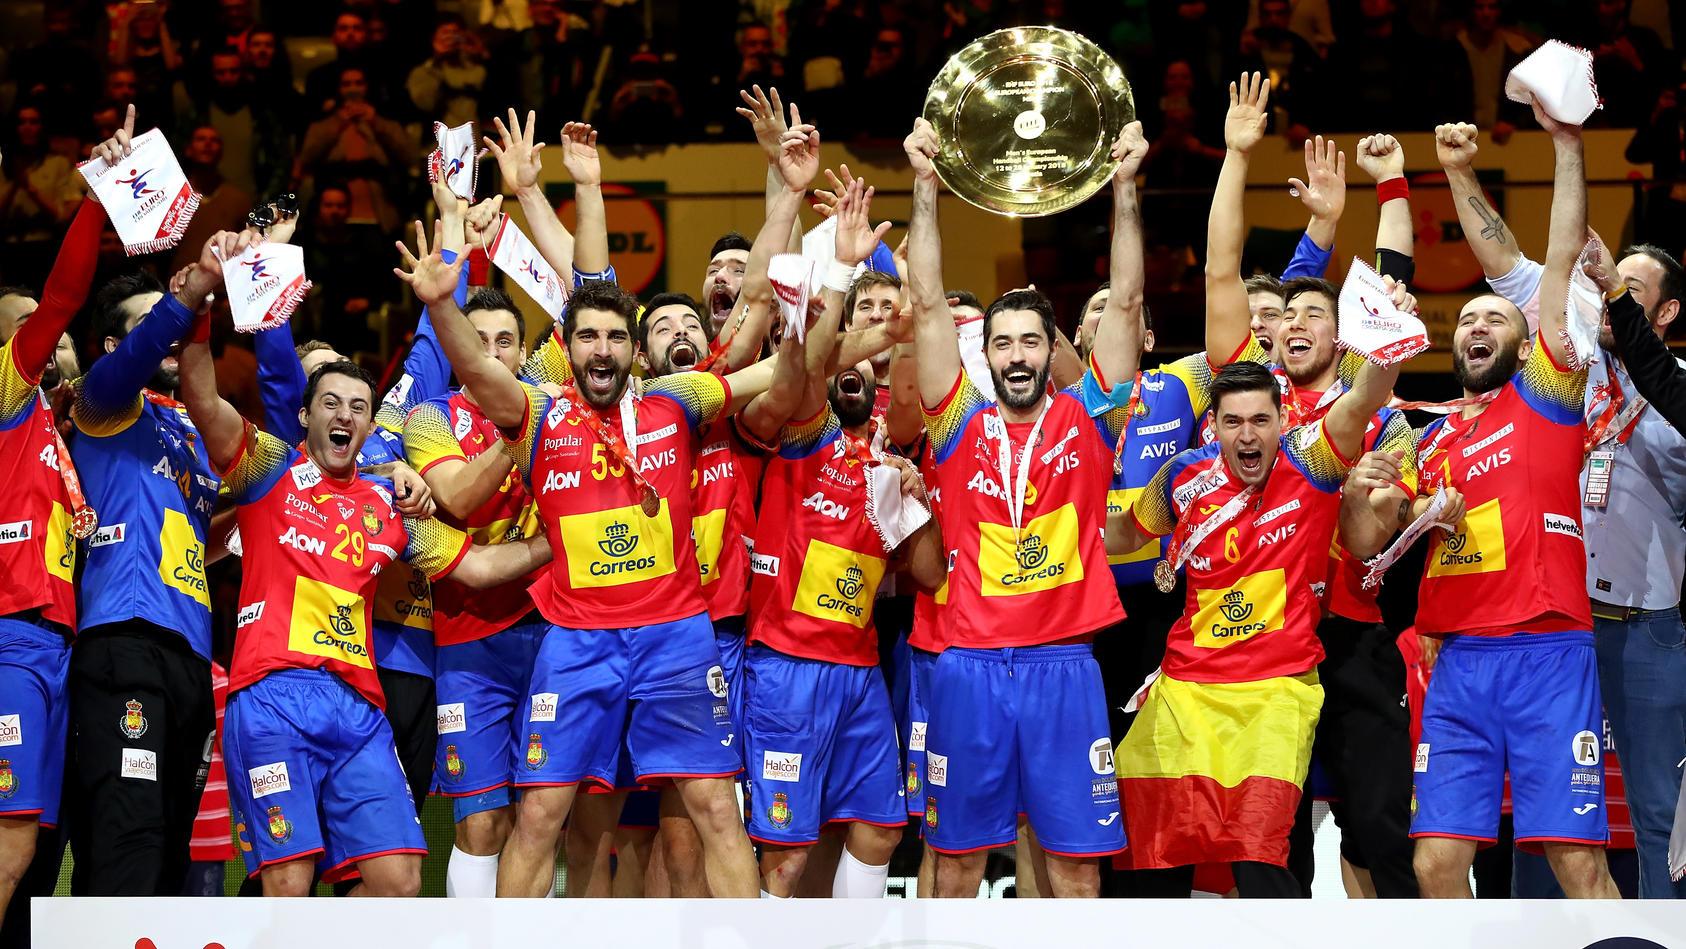 Für Spaniens Handballer  ist ein Traum wahr geworden.